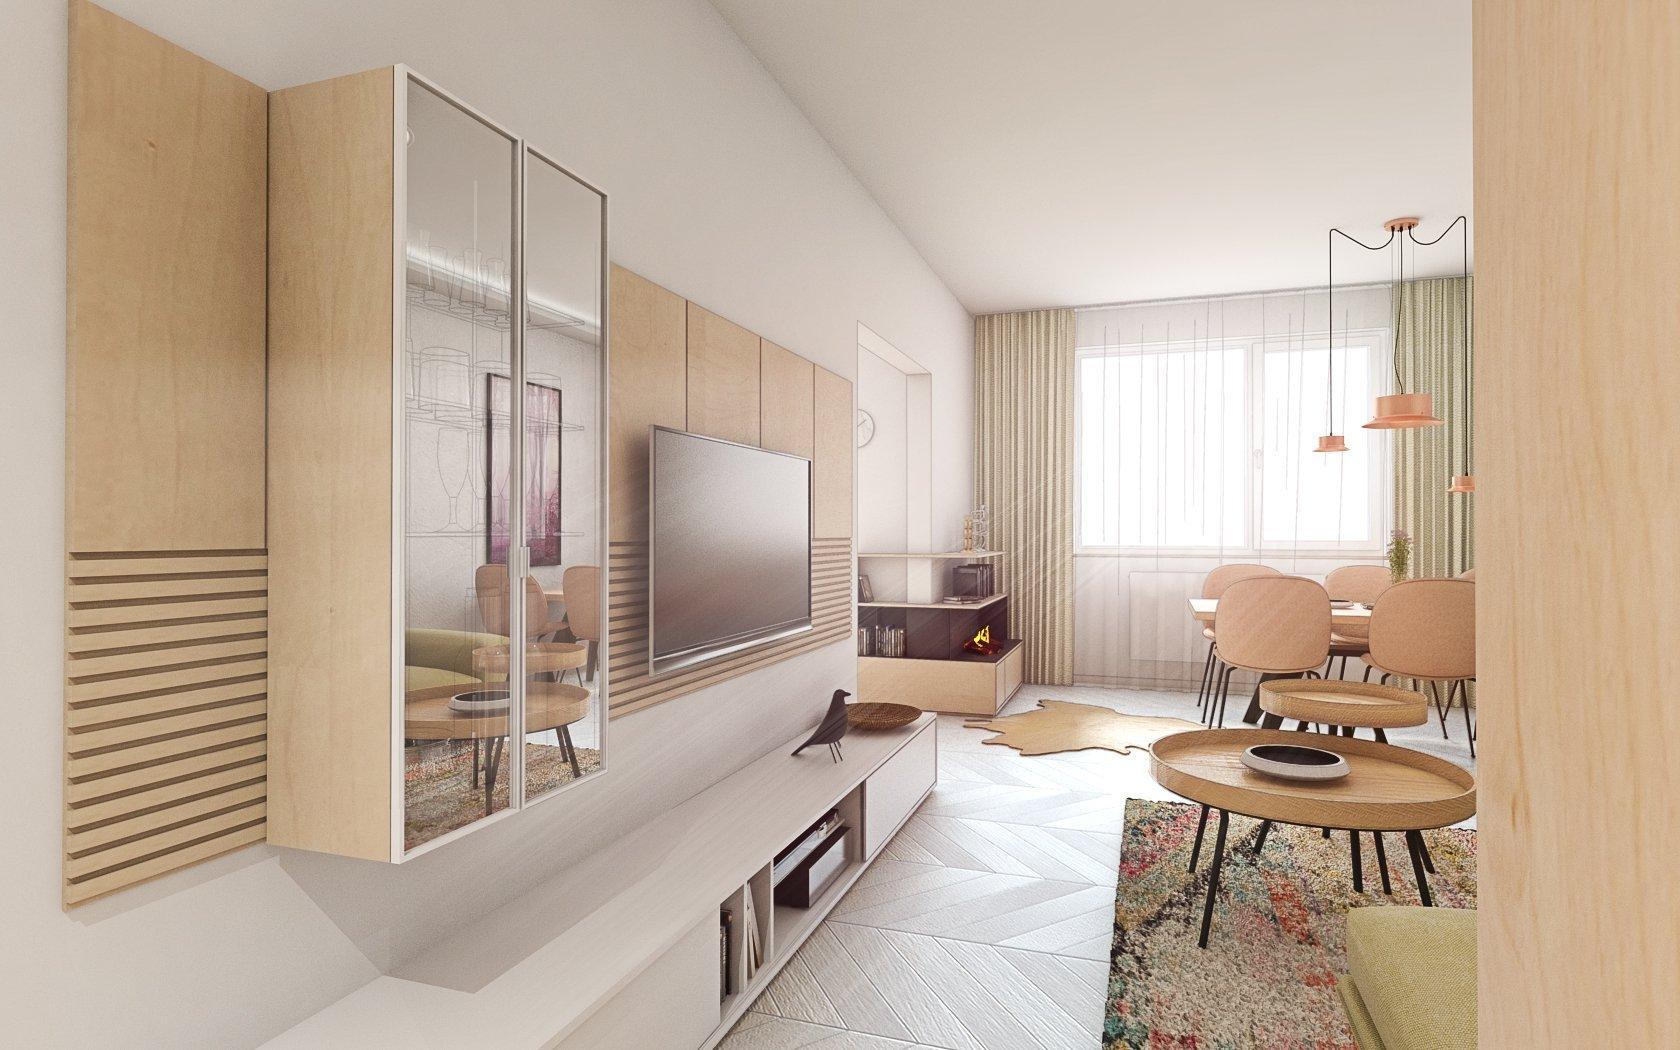 Z obyčajného panelákového bytu sa podarilo vytvoriť zaujímavý koncept interiéru. Trochuromantickýa zároveňso štipkou španielskeho…